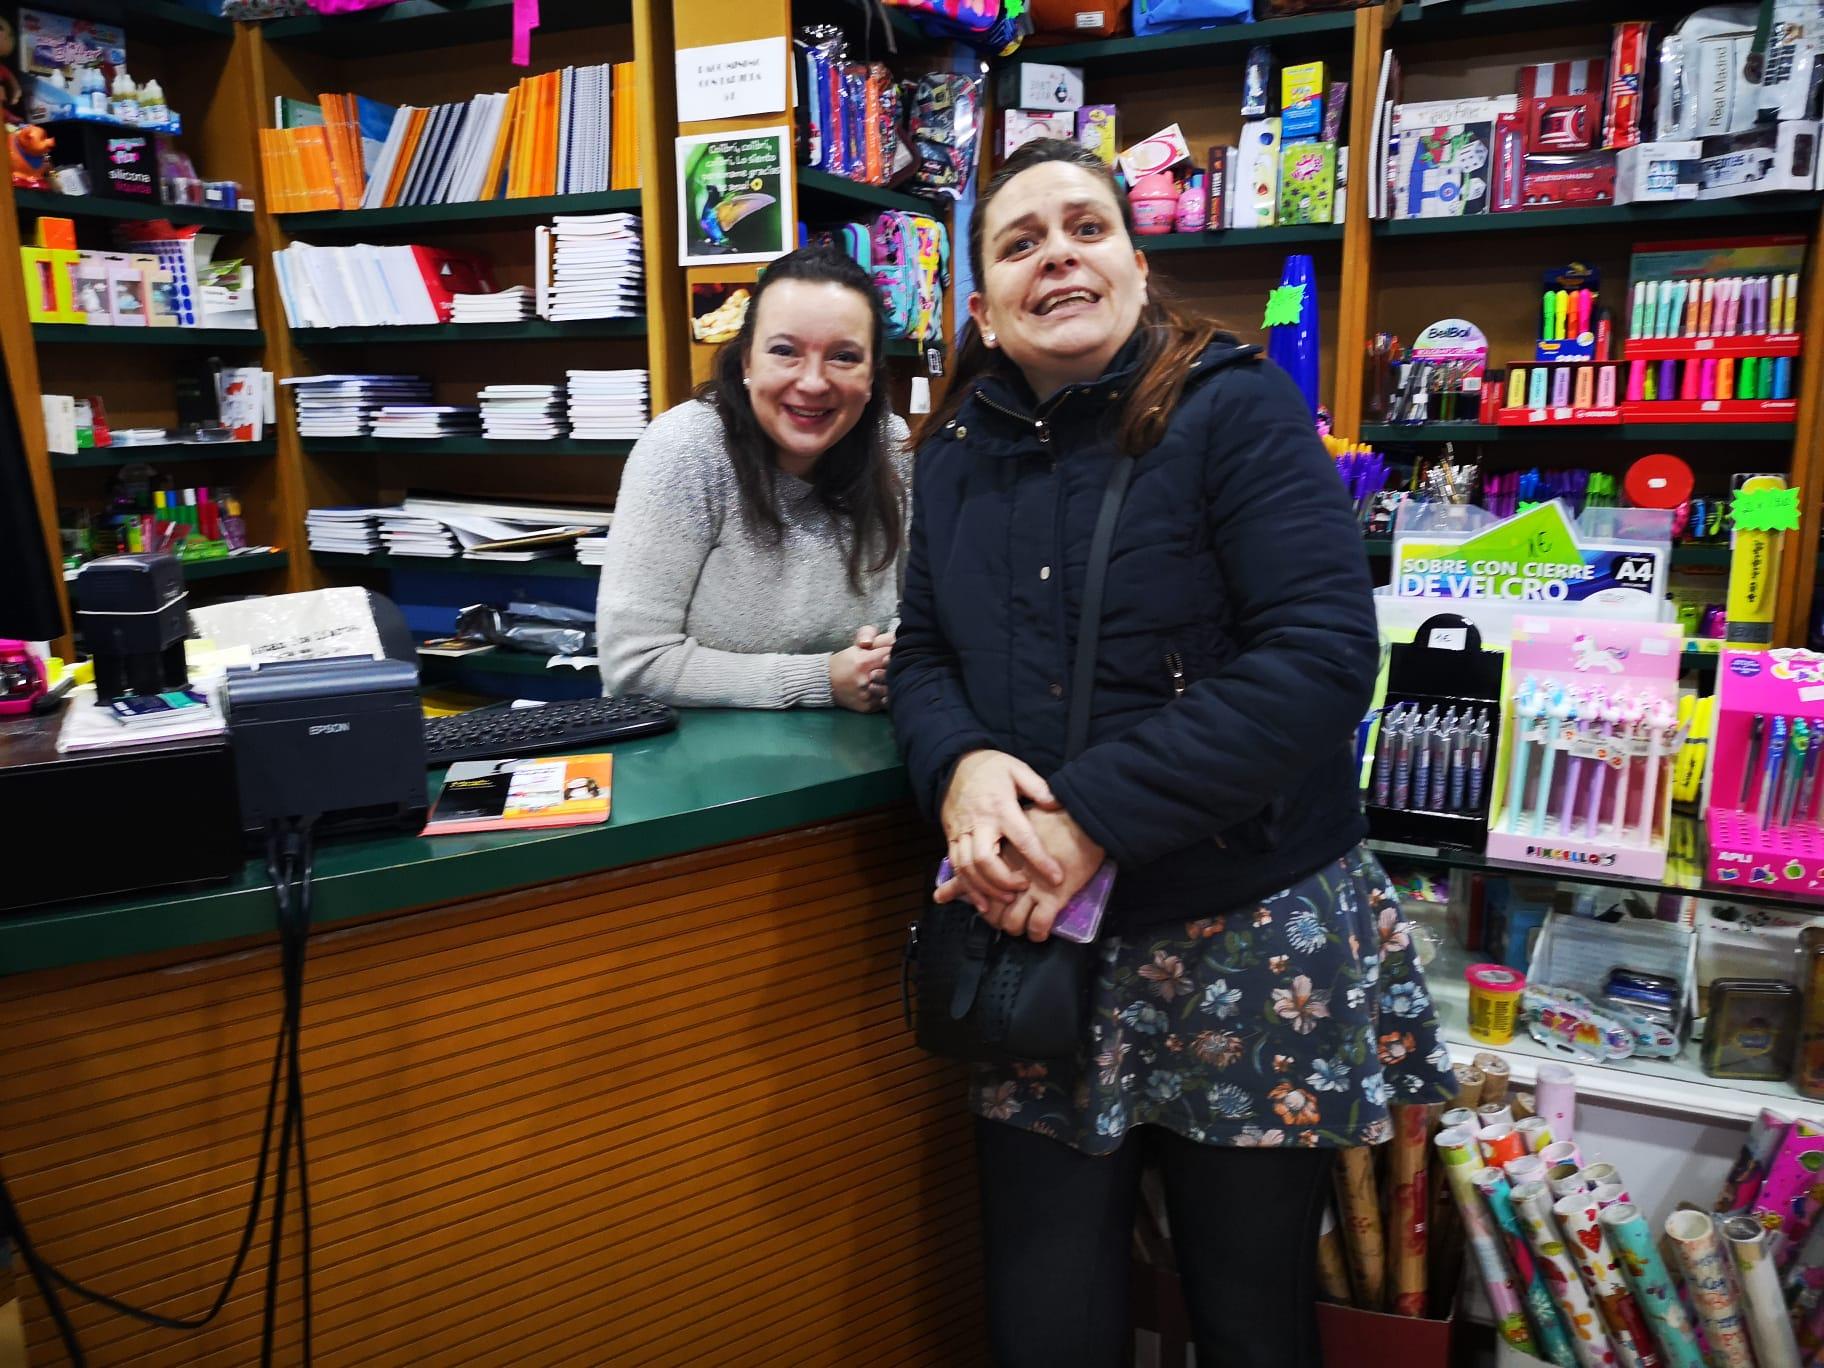 Entrevista y reportaje sobre compras y regalos de Navidad en El Baúl de Sueños